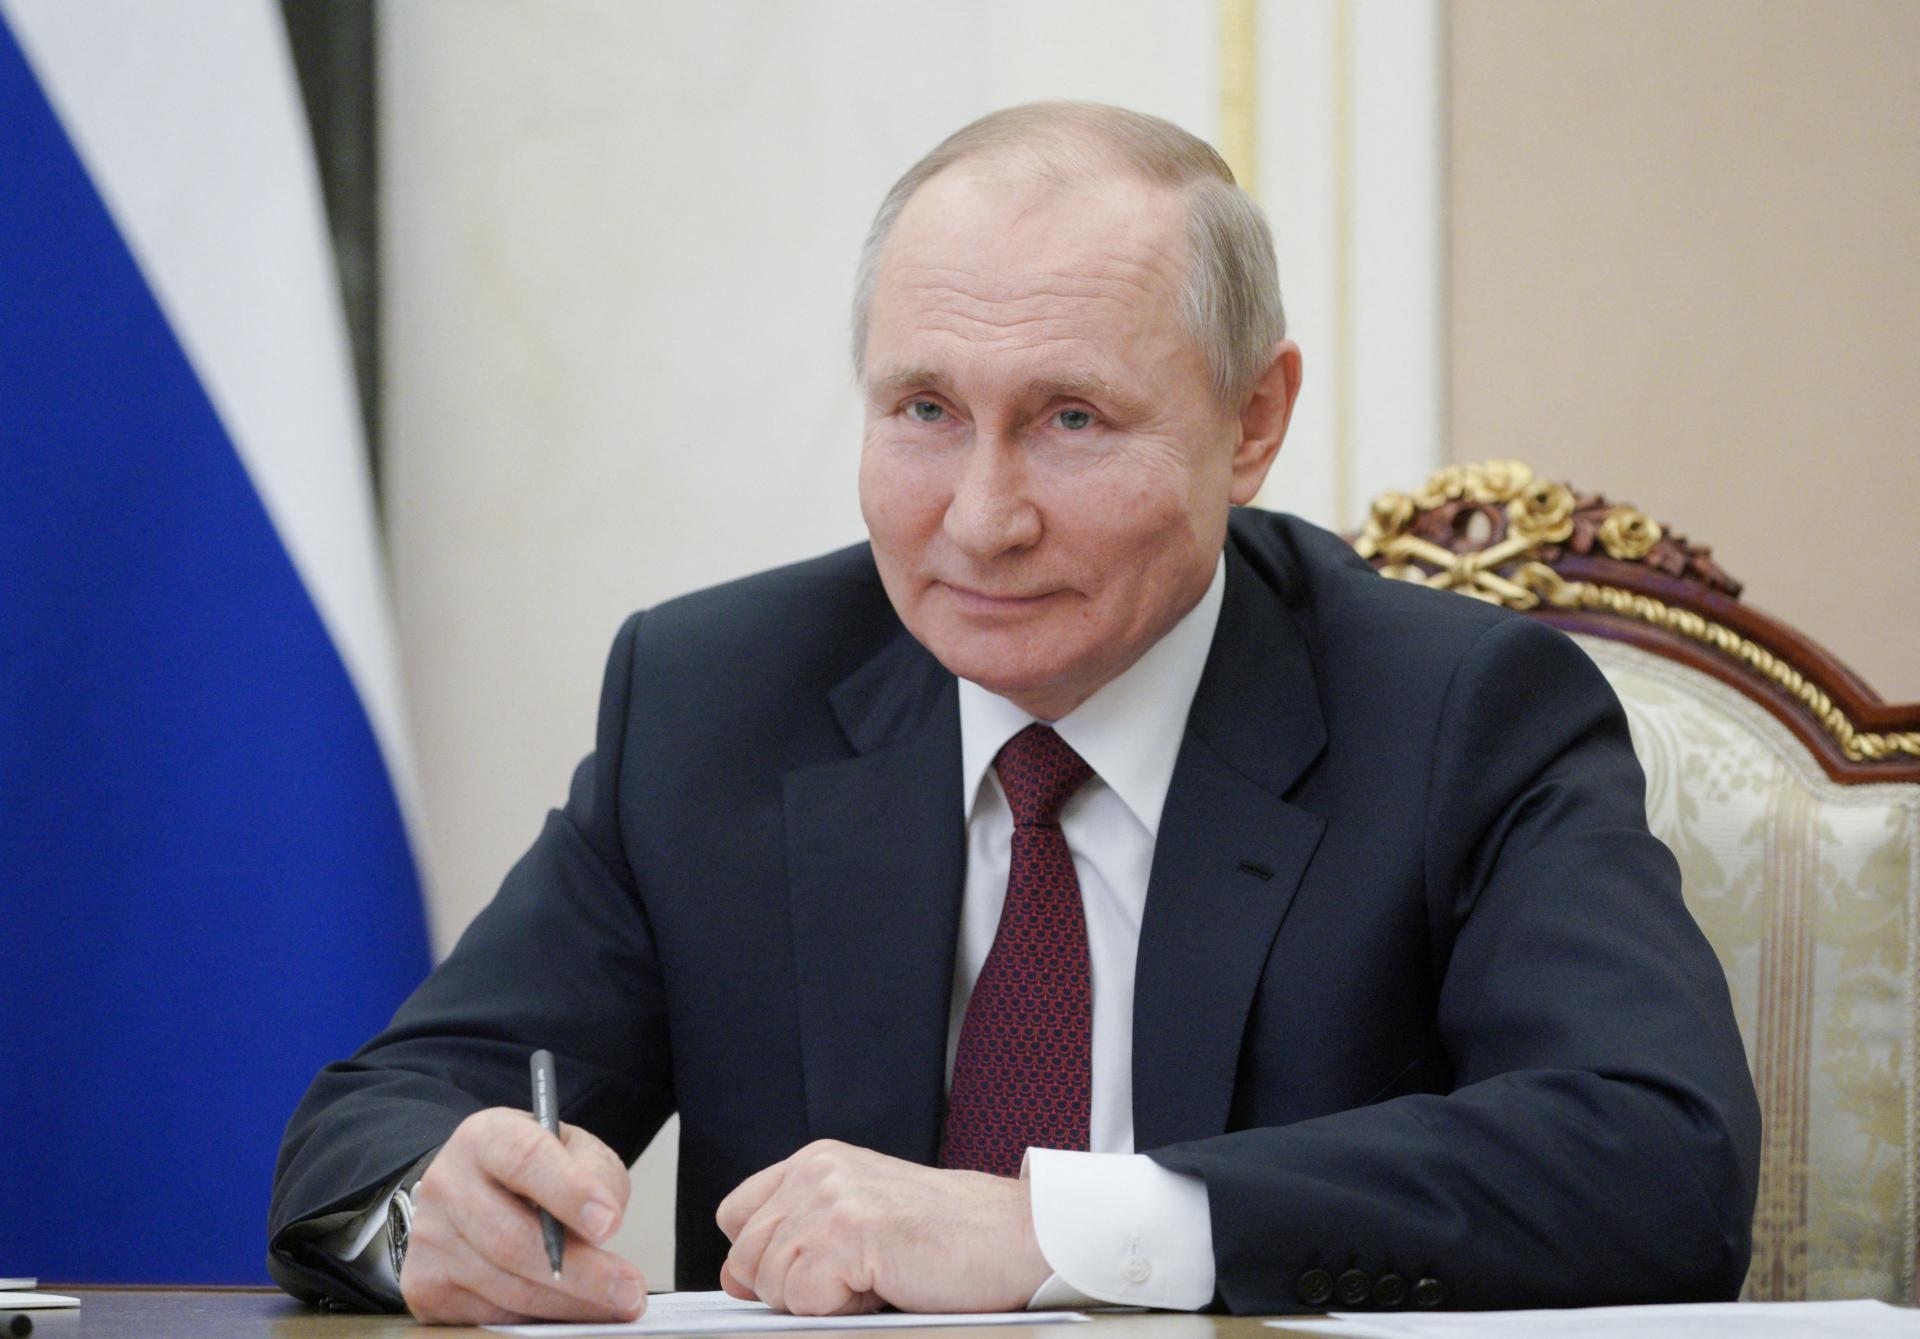 Rusija poslala oštro upozorenje SAD-u: 'Ne šaljite ratne brodove blizu Krima - za vaše dobro' 10748763